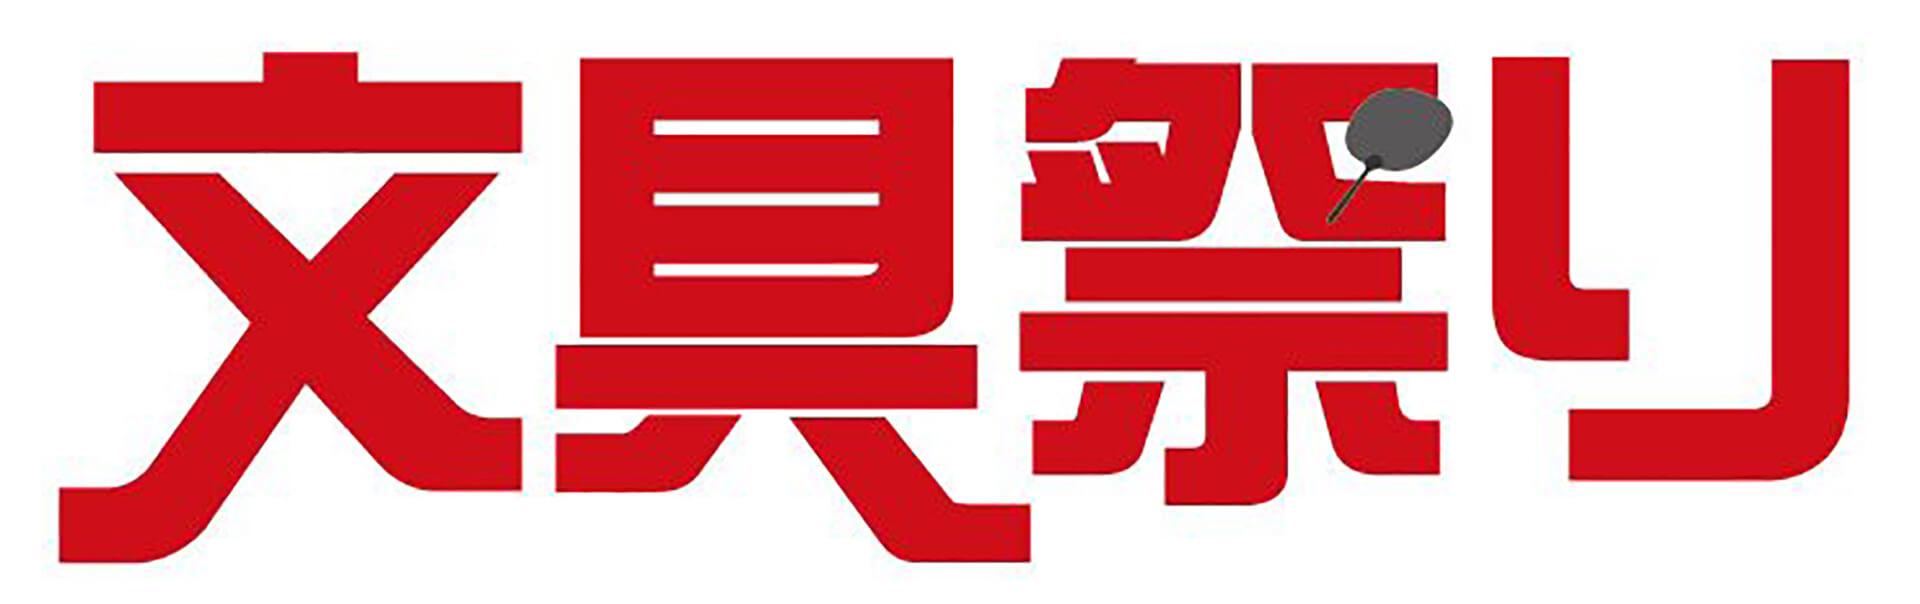 文具祭り@渋谷カルチャーカルチャー・ロゴ